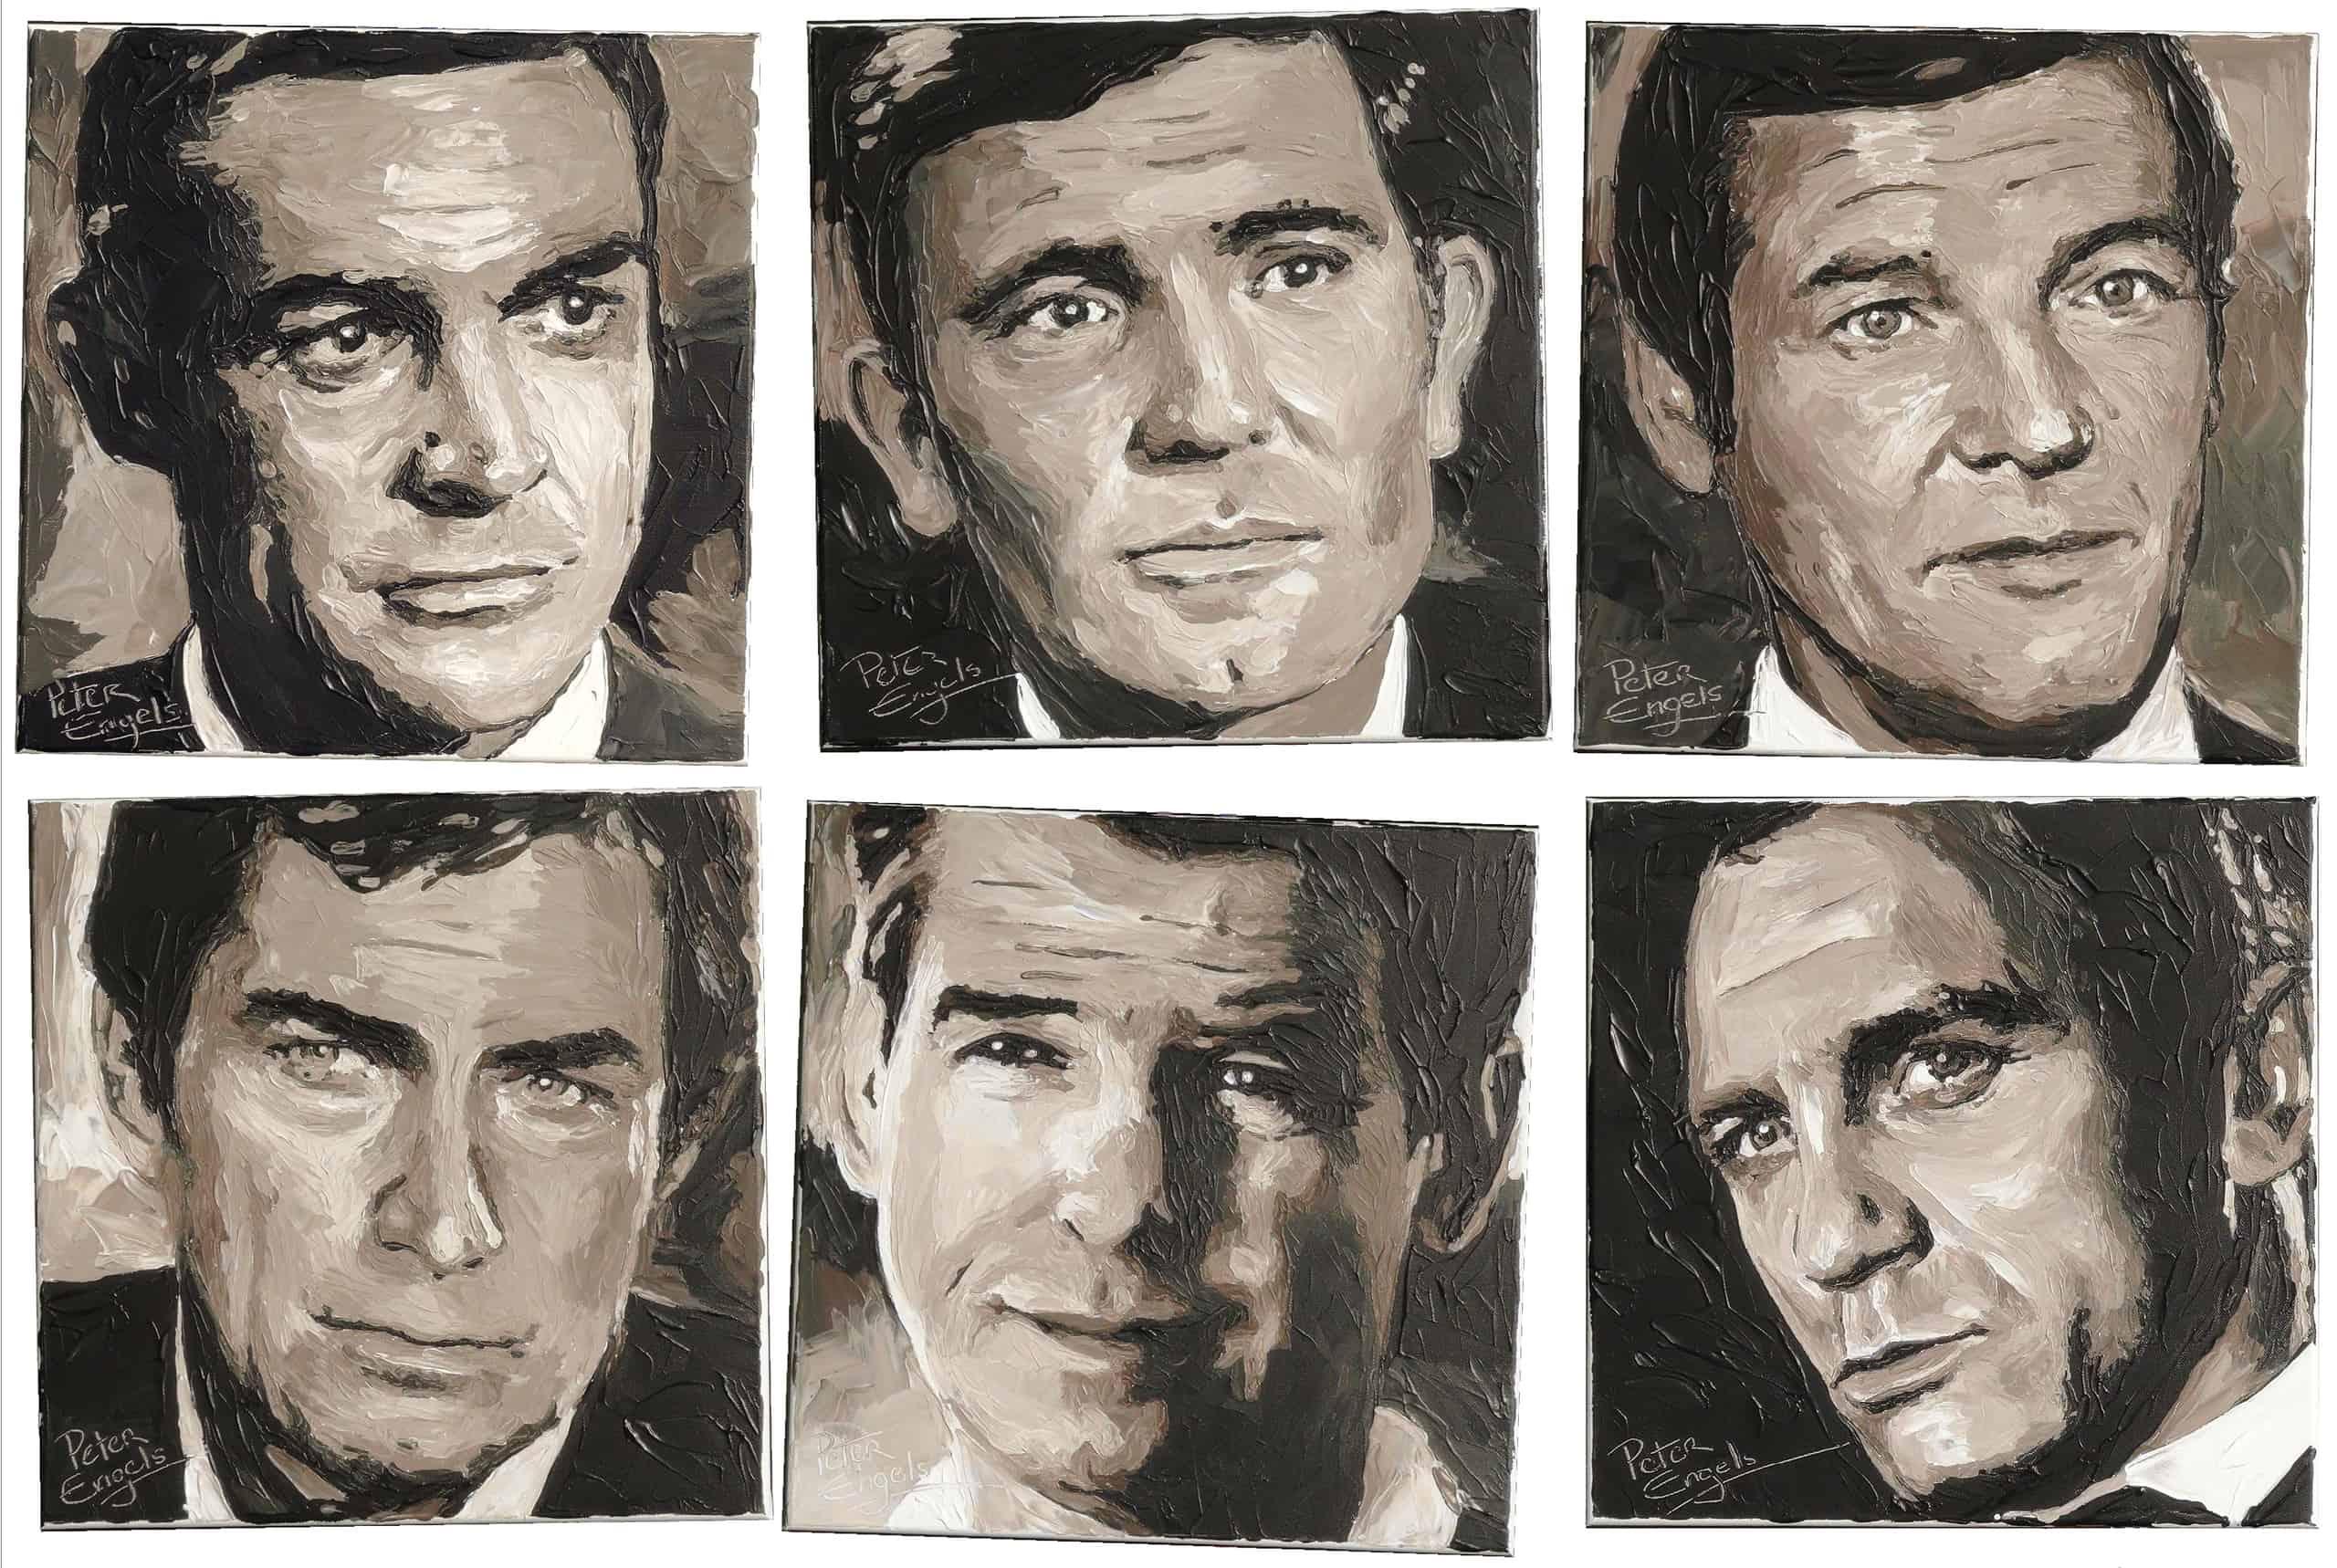 James Bond Actors Sold Portrait Painting By Artist Peter